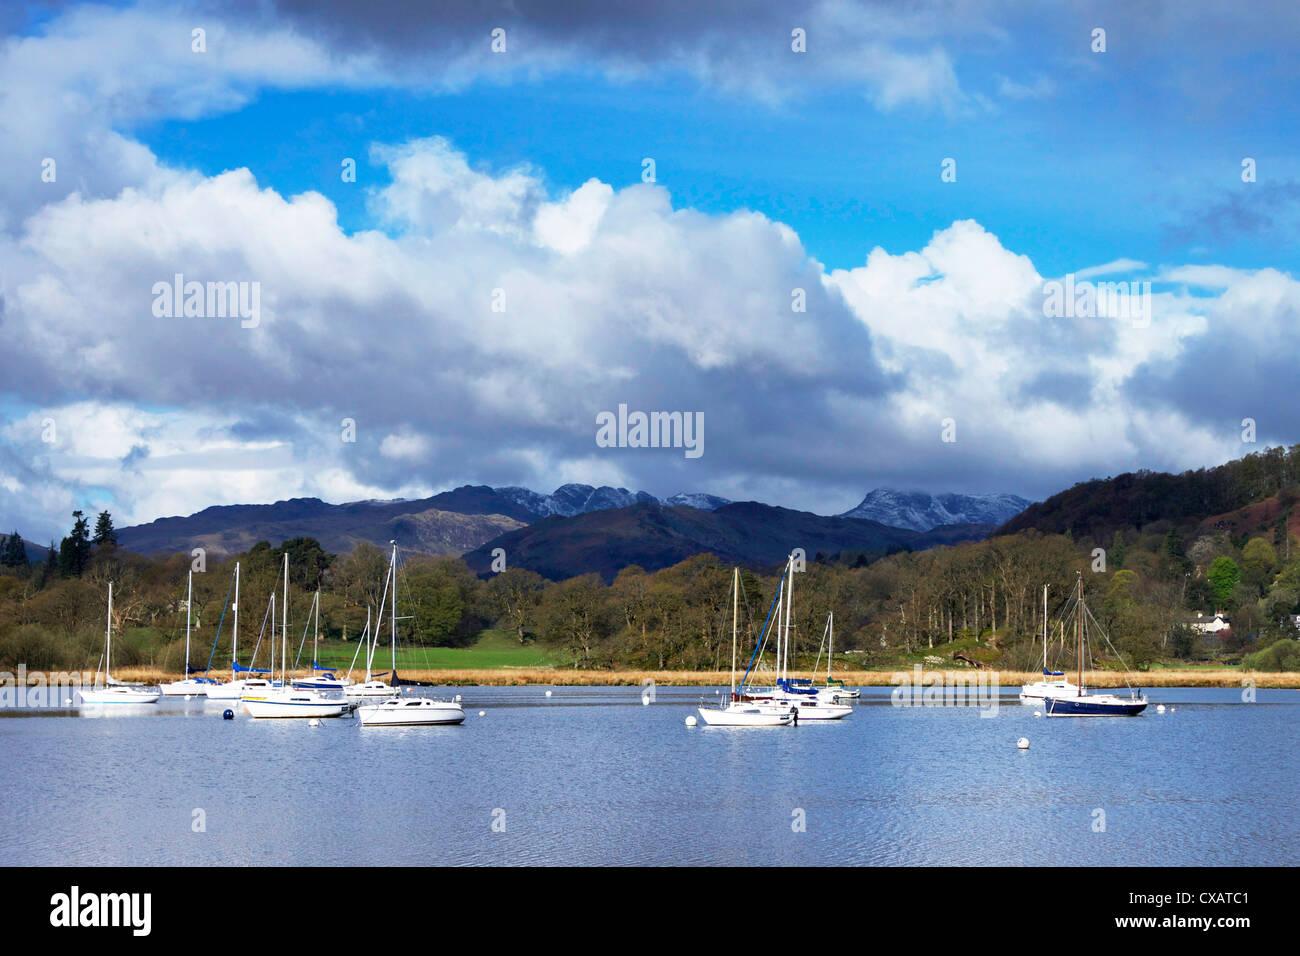 Ambleside, Lake Windermere, Lake District National Park, Cumbria, England, United Kingdom, Europe - Stock Image